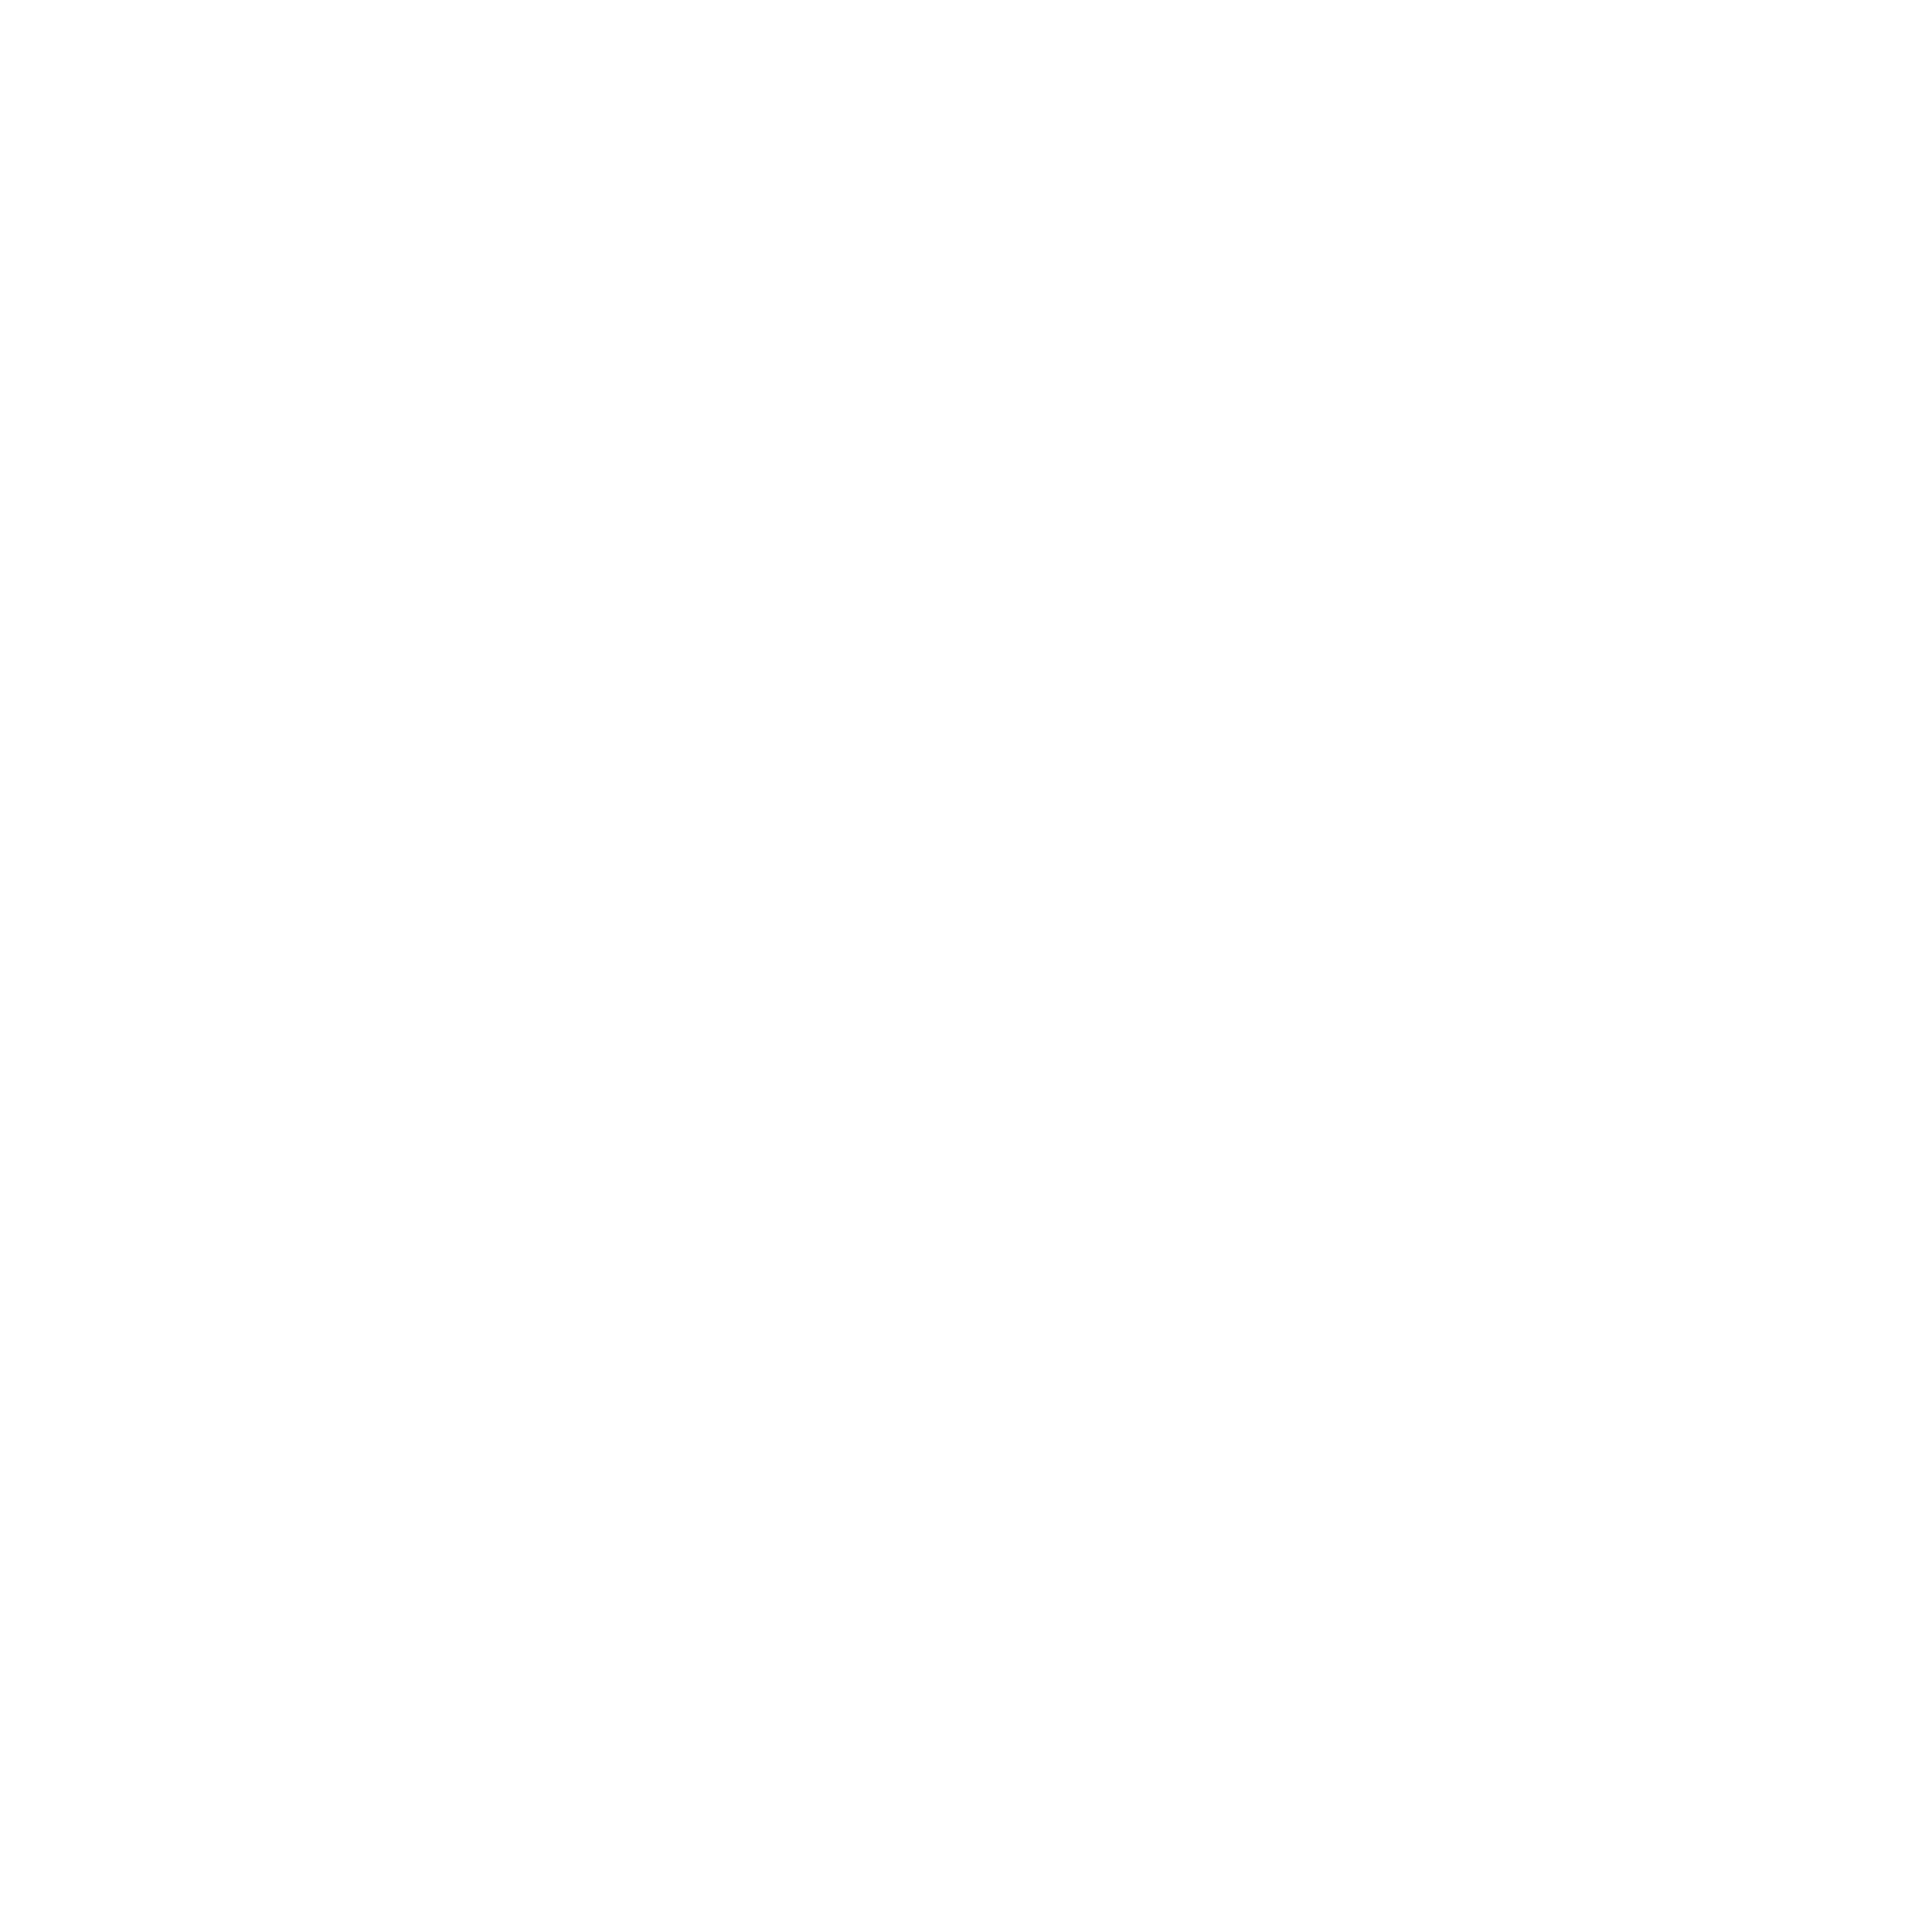 「テトリス® エフェクト」10を超える新しいゲームモードと 期間限定で遊べる体験版を発表